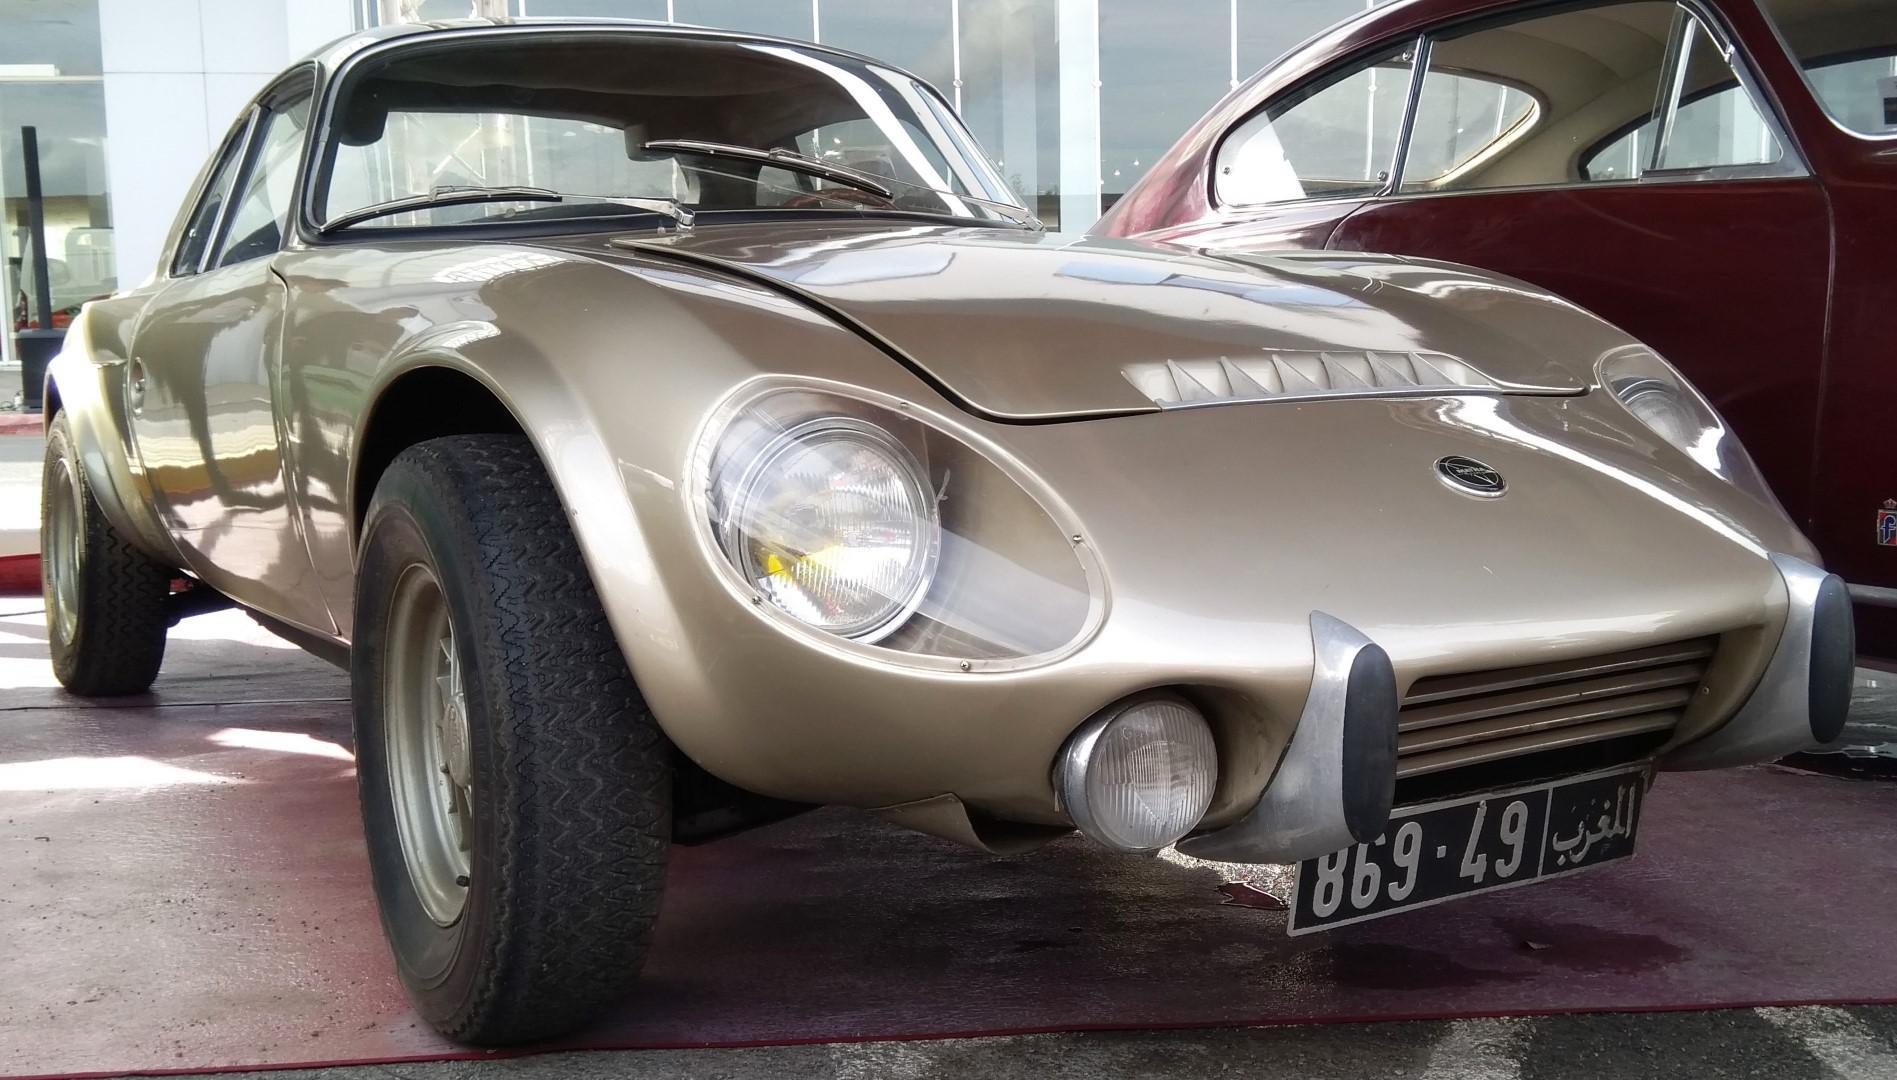 les-voitures-de-sports-du-classic-cars-expo-2019-1137-8.jpg